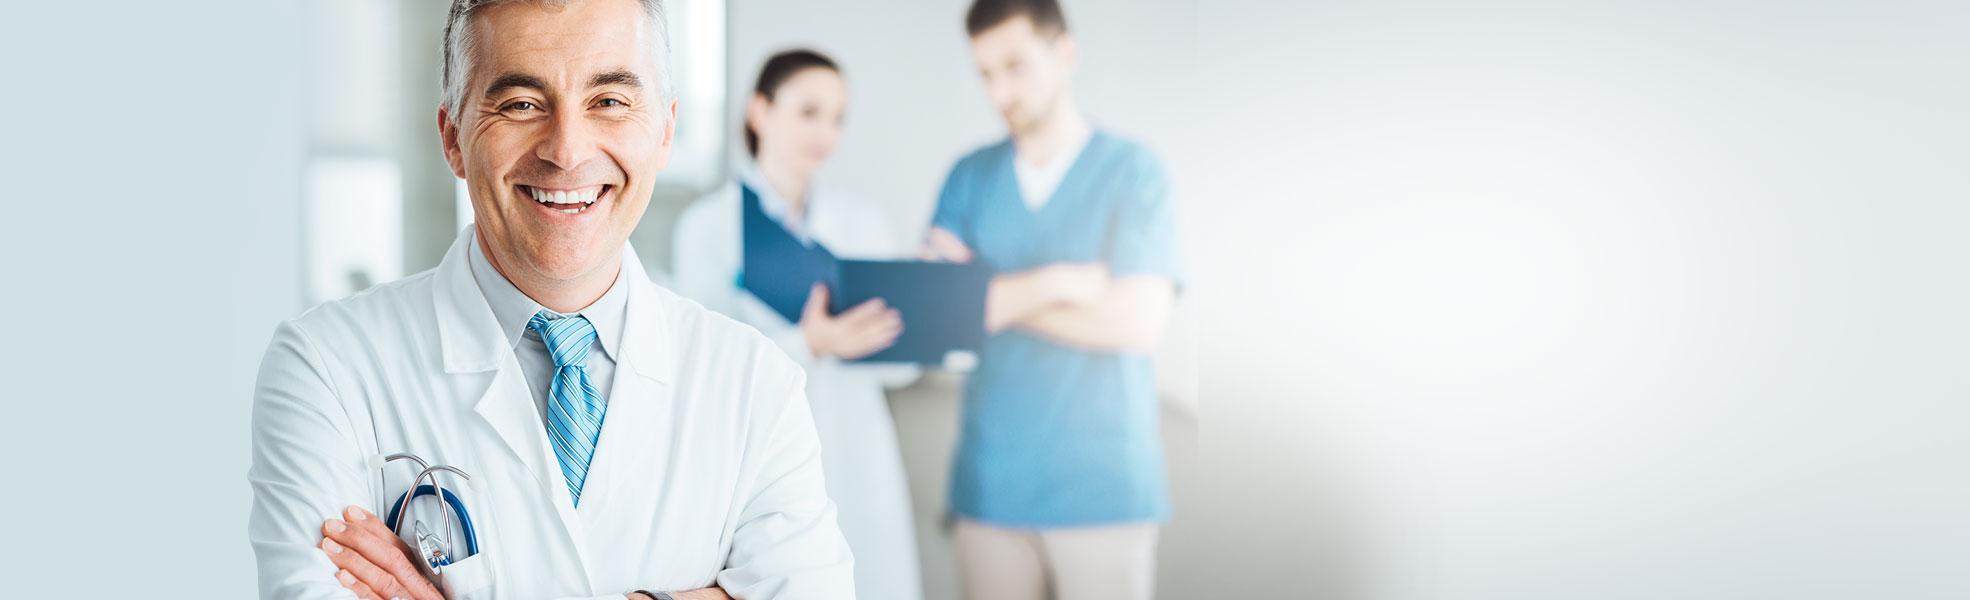 Sudemed Medikal YÜKSEK KALİTE VE STANDARTLARA SAHİP 100% YERLİ ÜRETİM